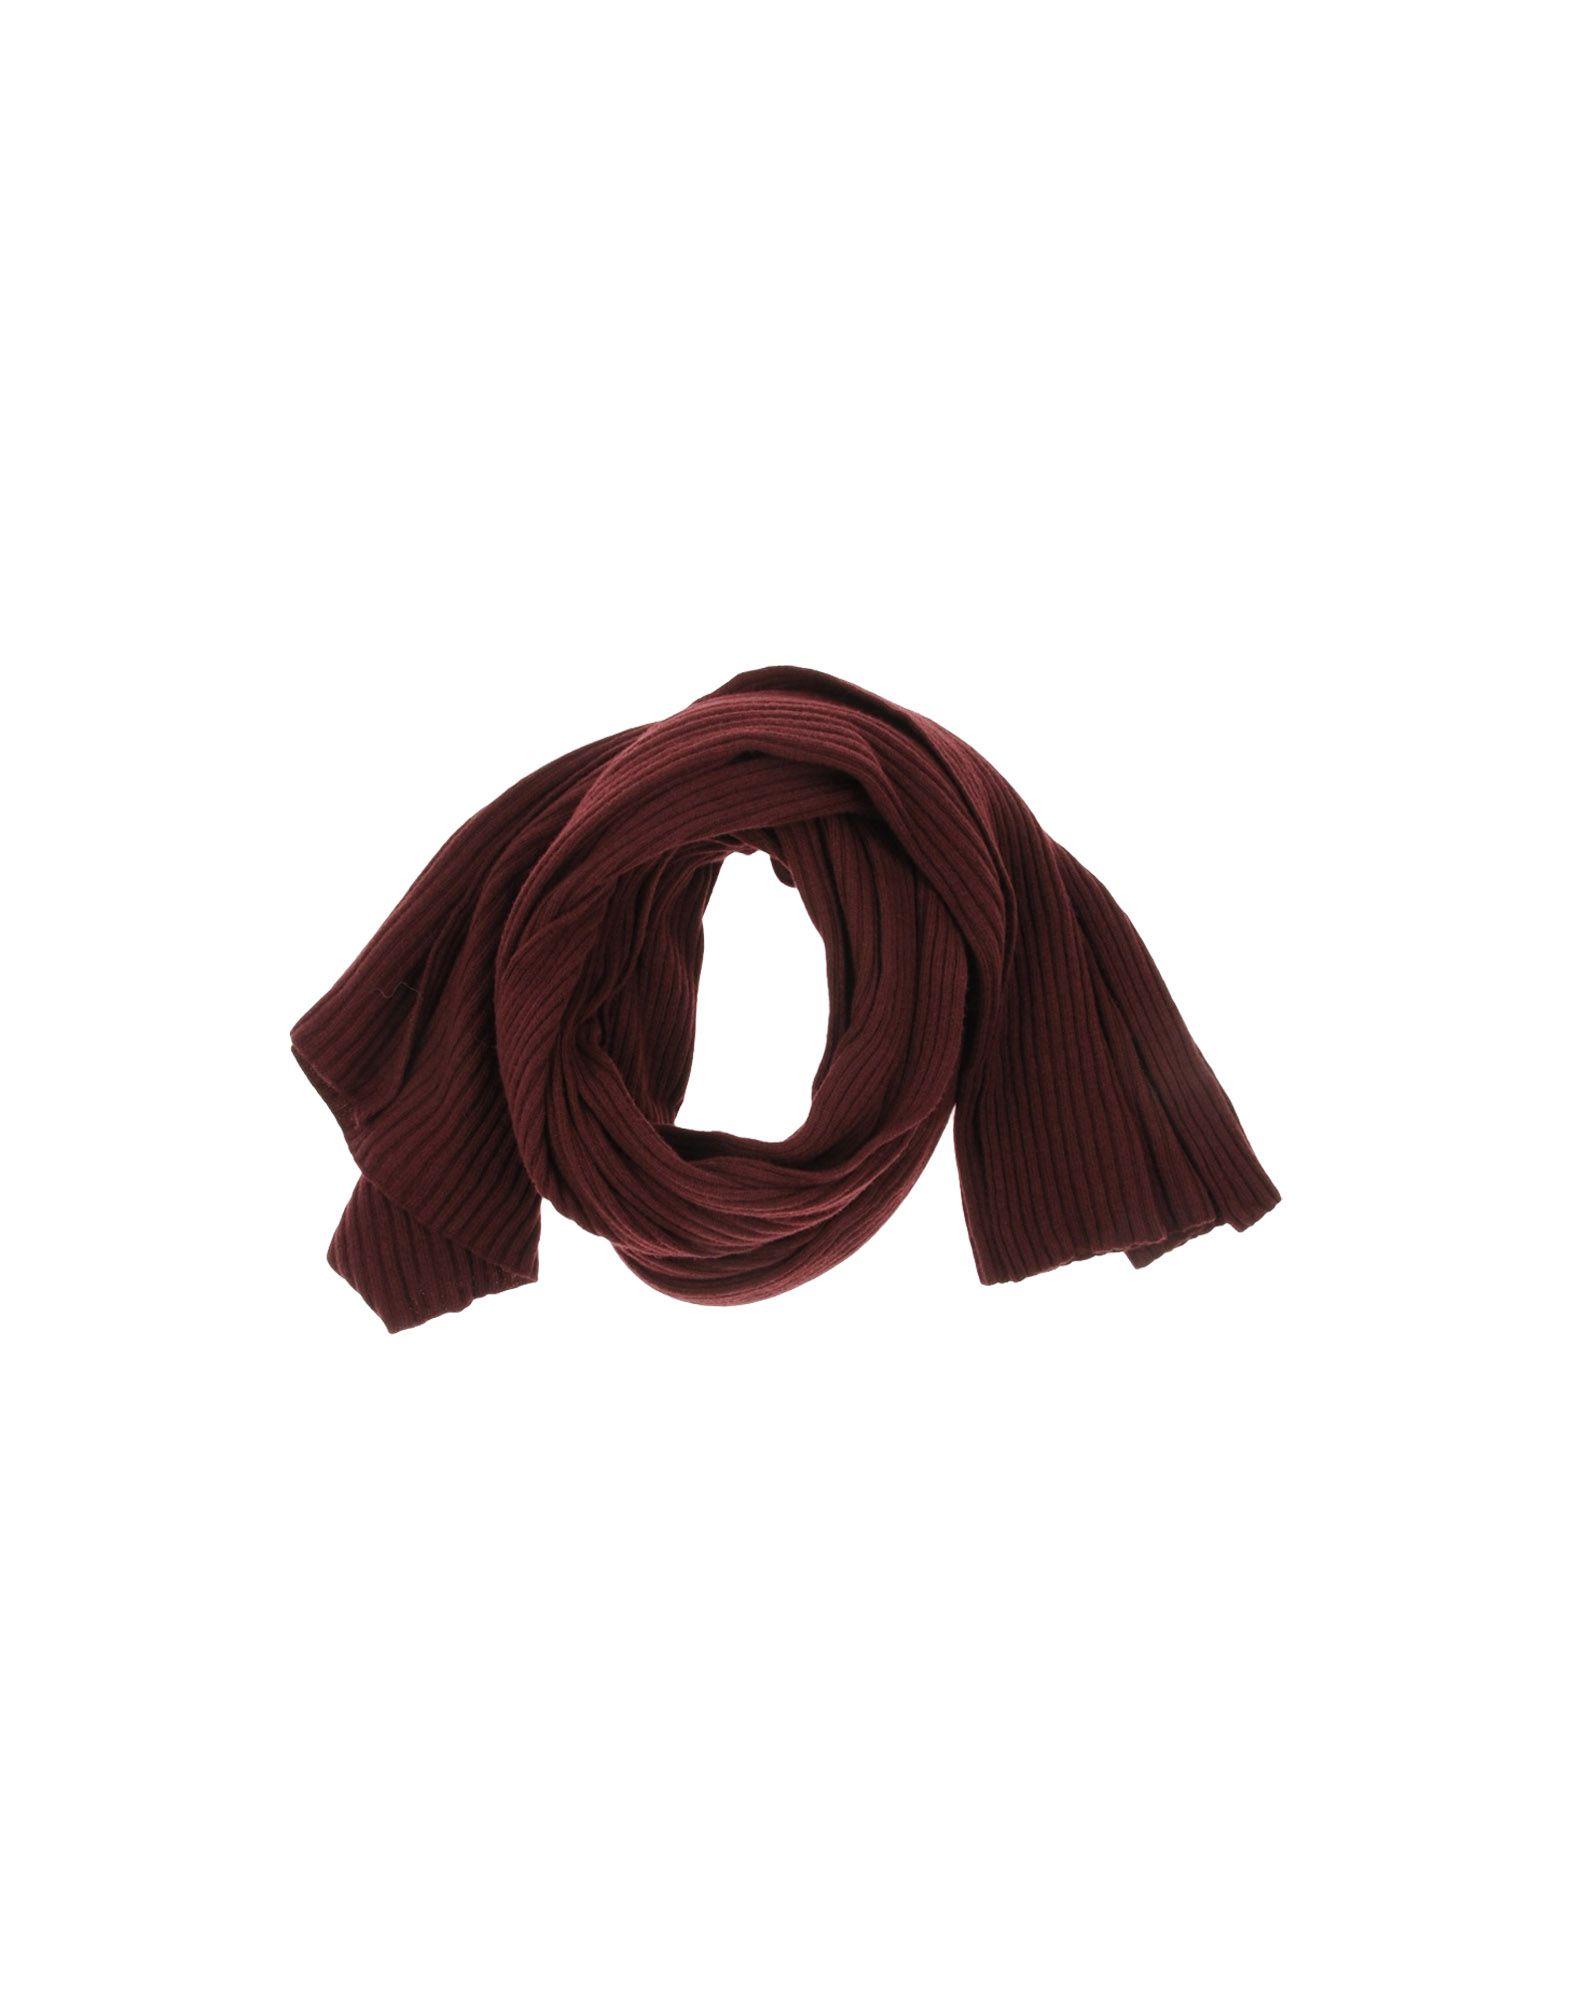 SILENT DAMIR DOMA Herren Schal Farbe Bordeaux Größe 1 jetztbilligerkaufen